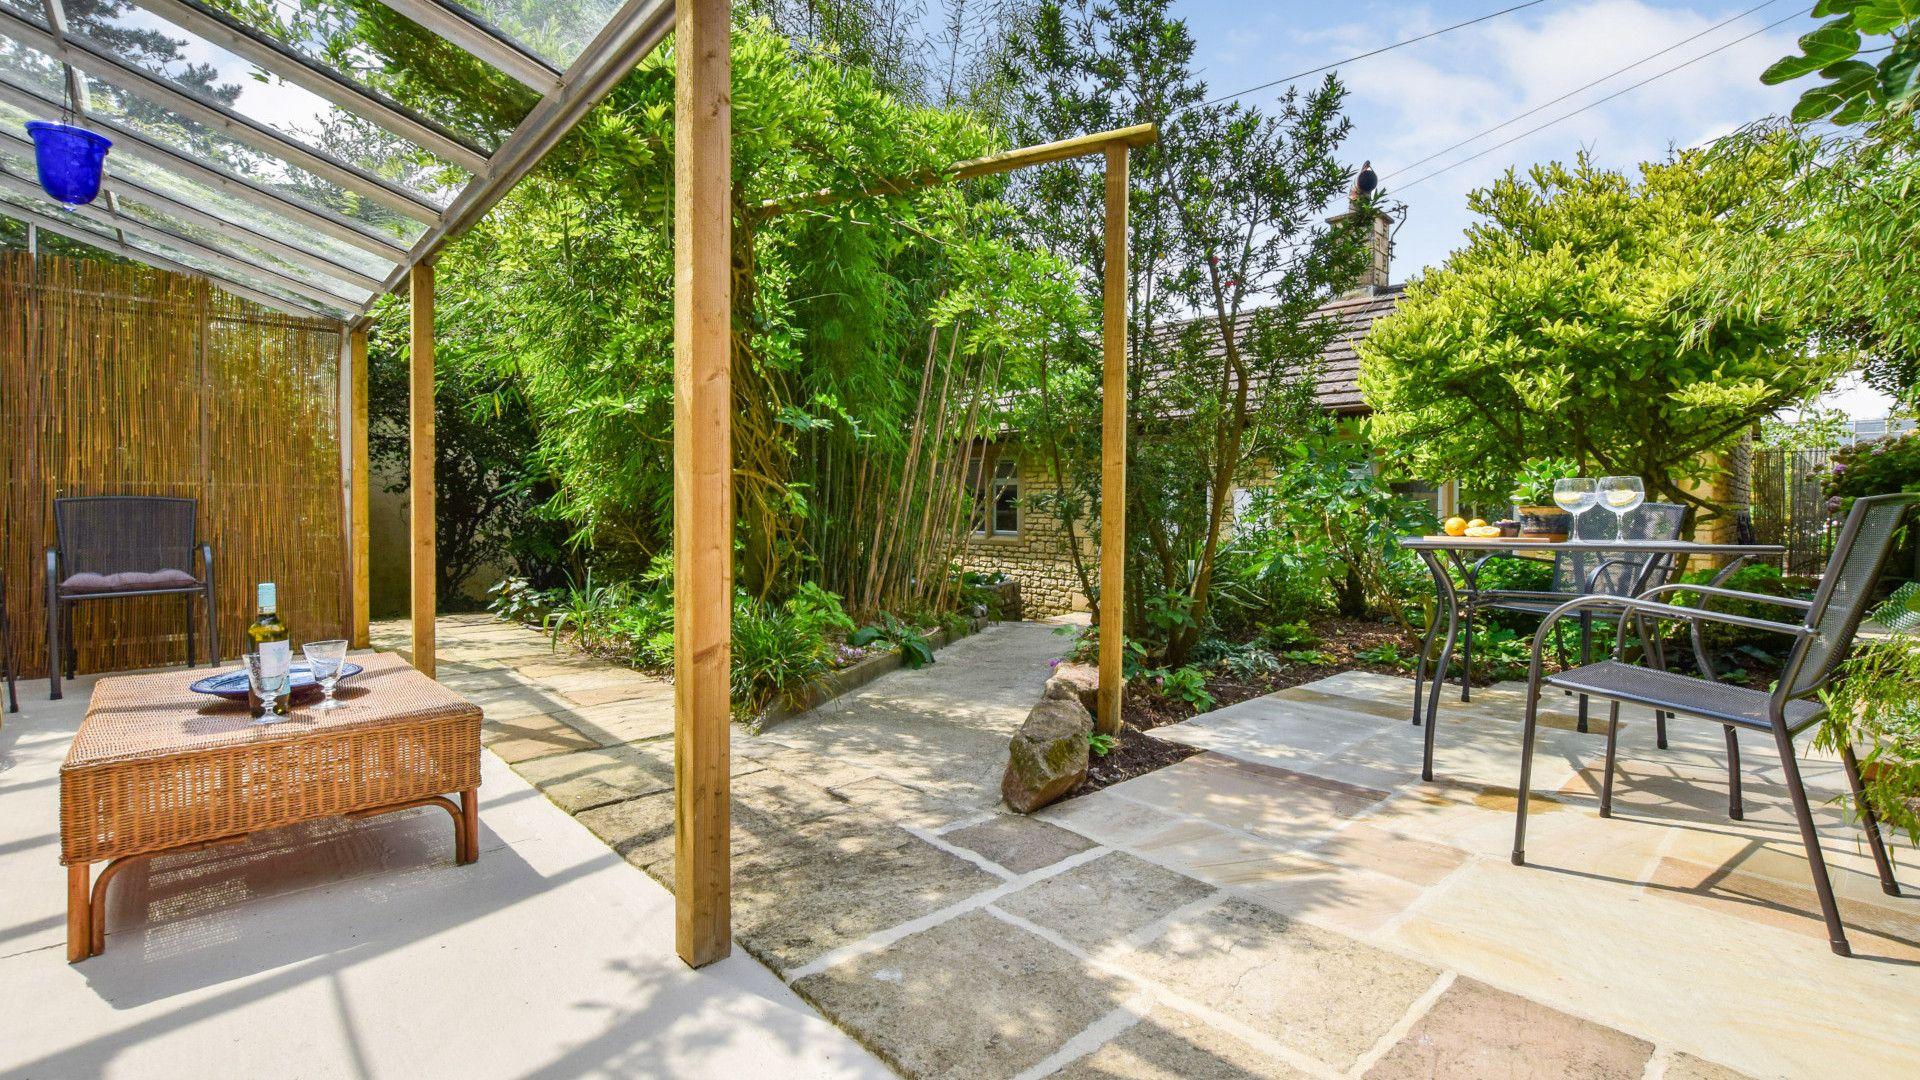 Mediterranean-style covered veranda and patio, Hayloft at Walnut Farm, Bolthole Retreats